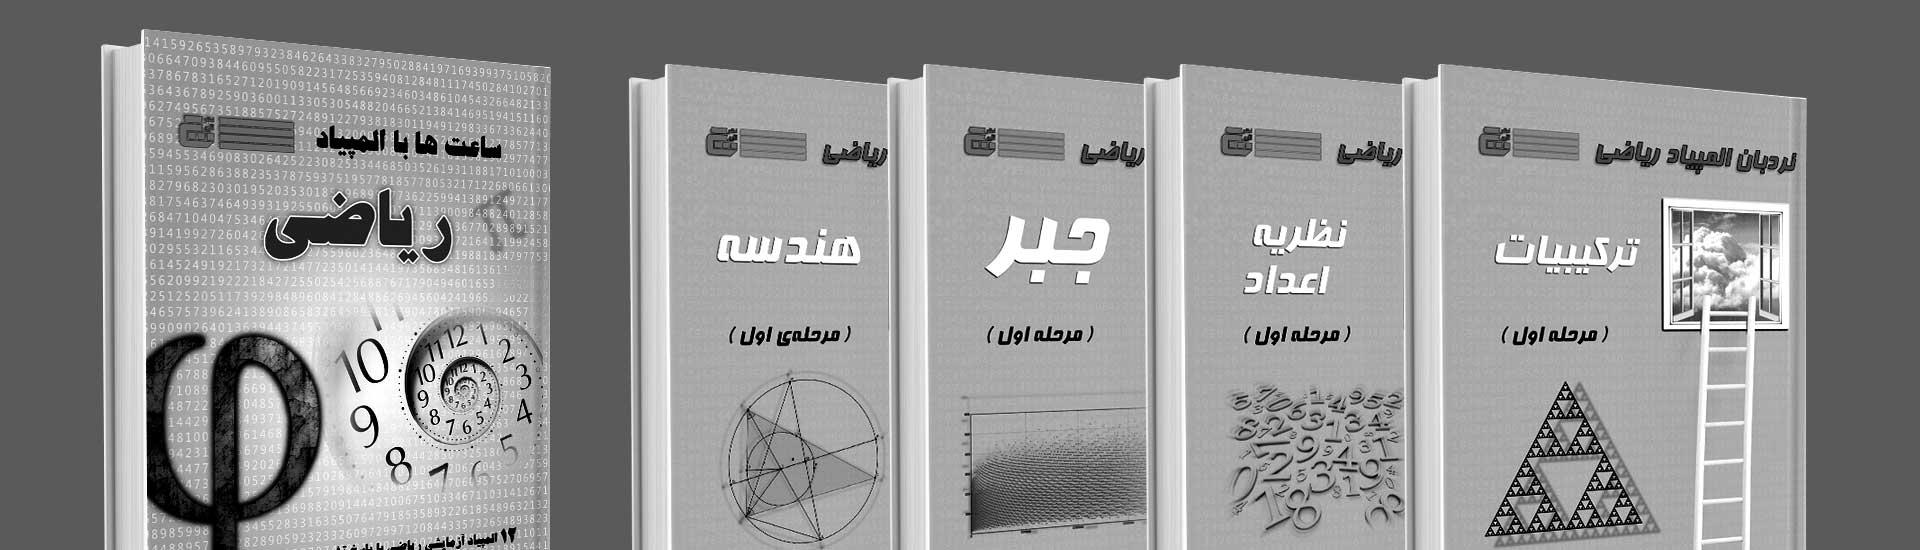 کتابهای نردبان المپیاد ریاضی